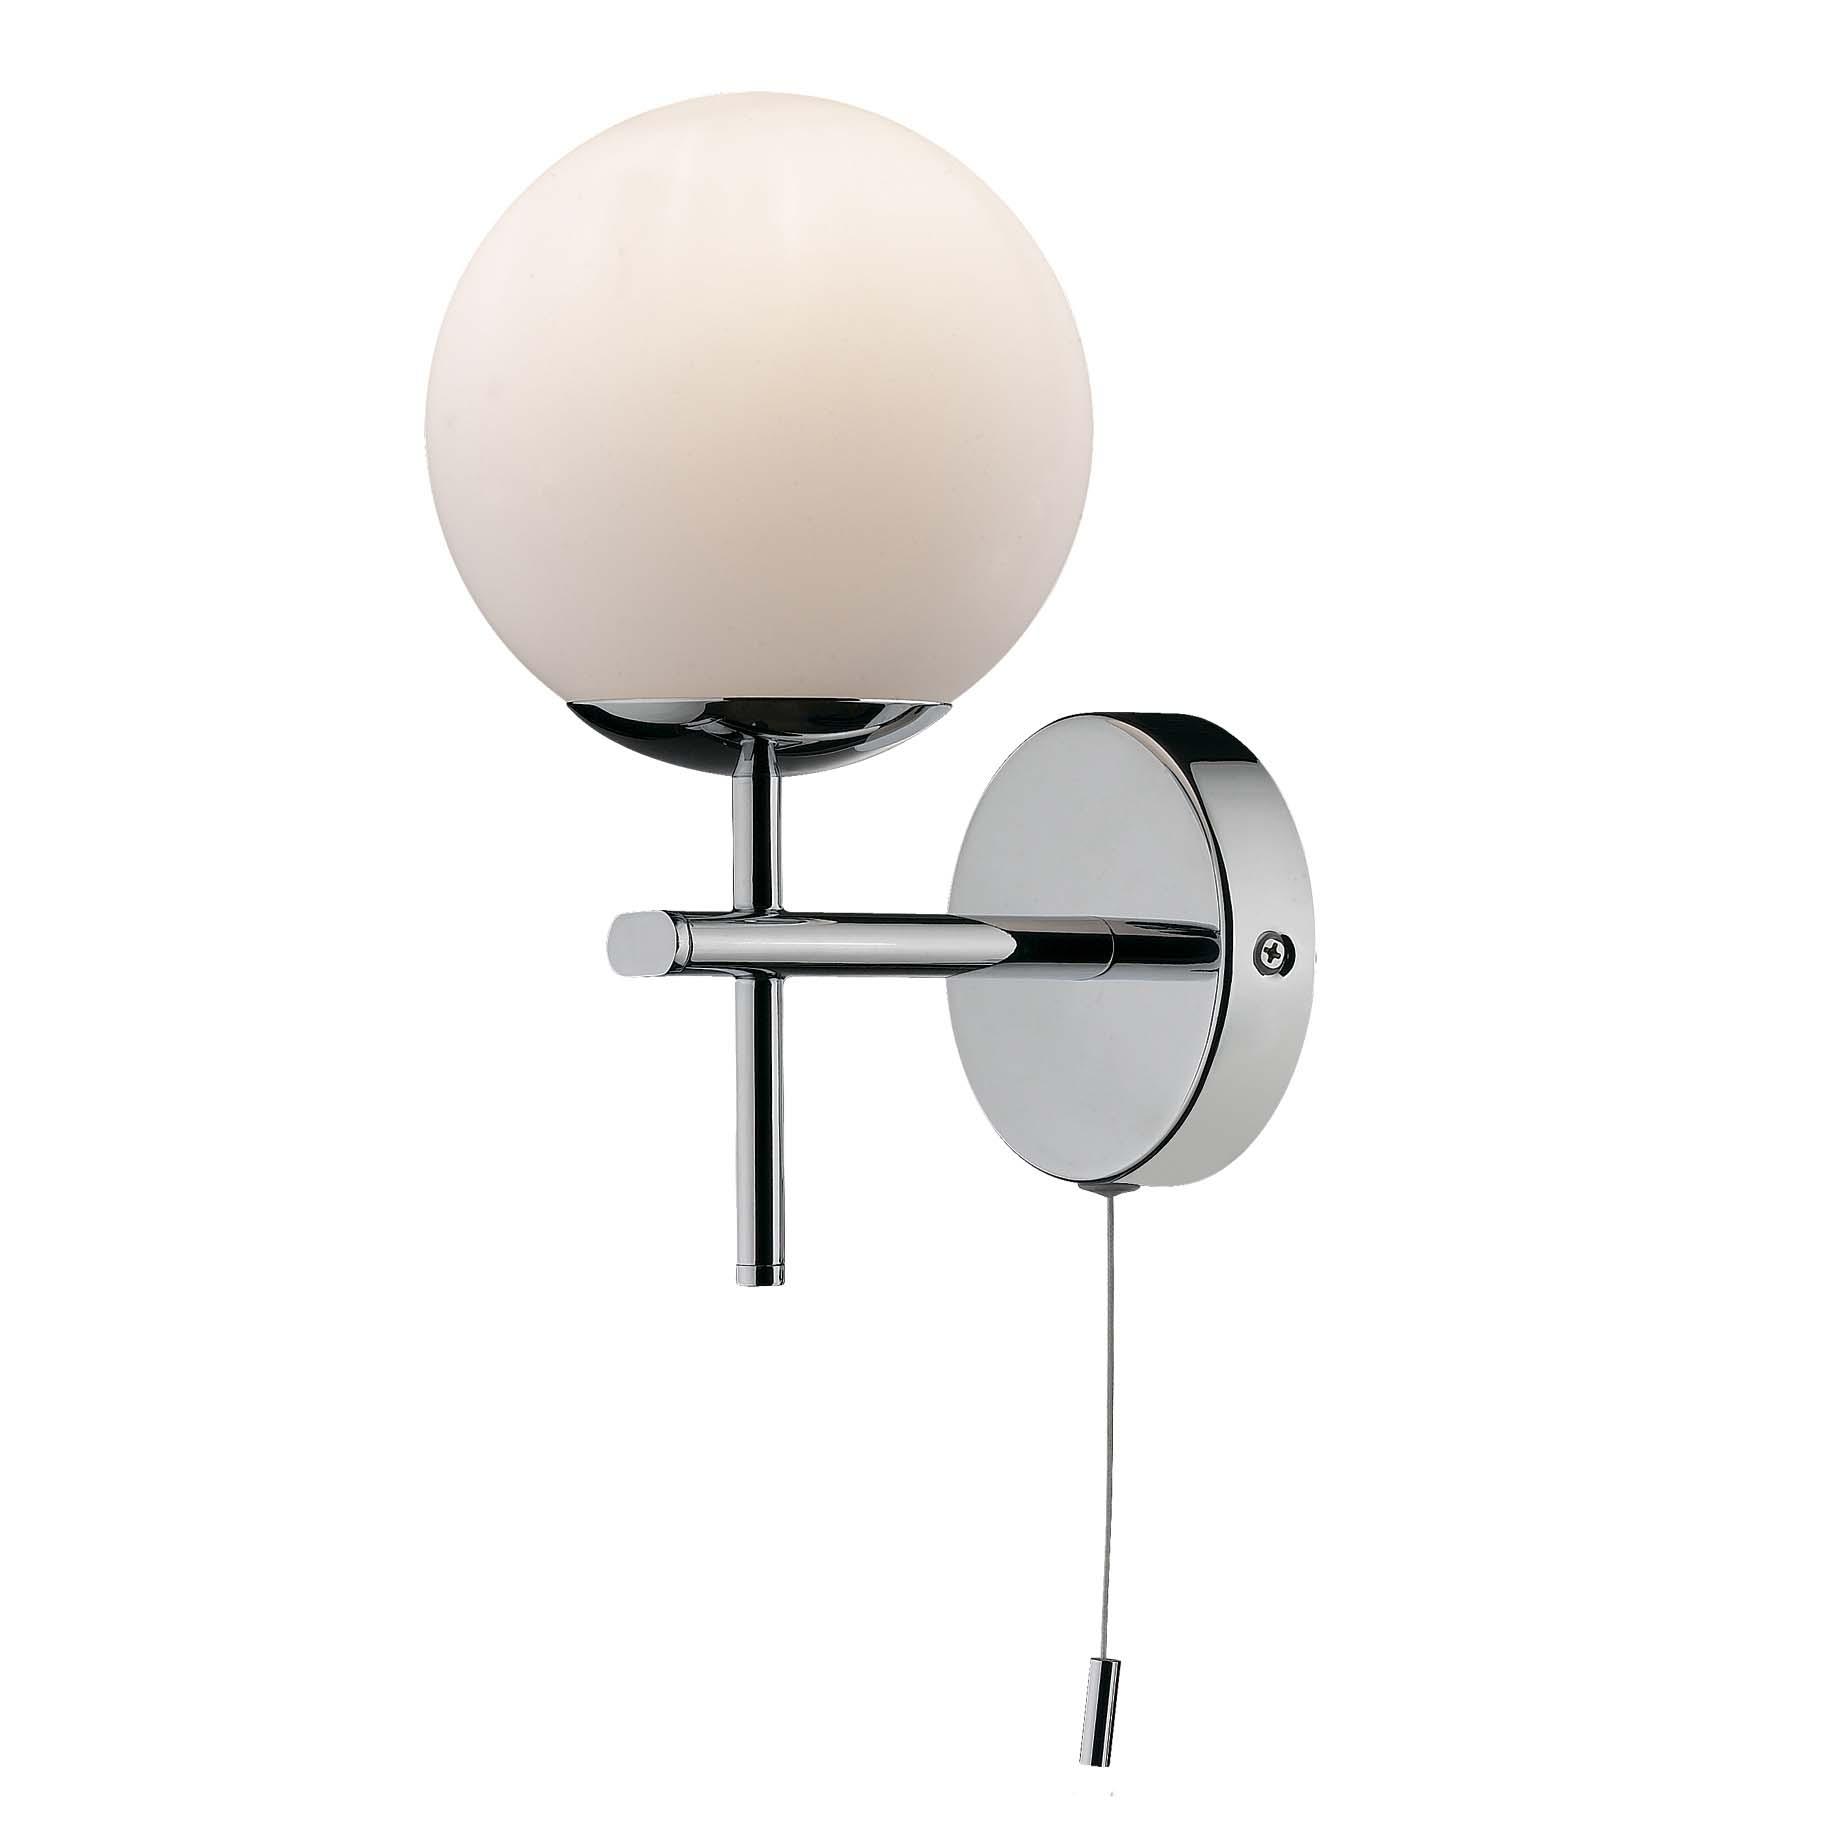 Светильник для ванной комнаты Odeon light 2157/1w